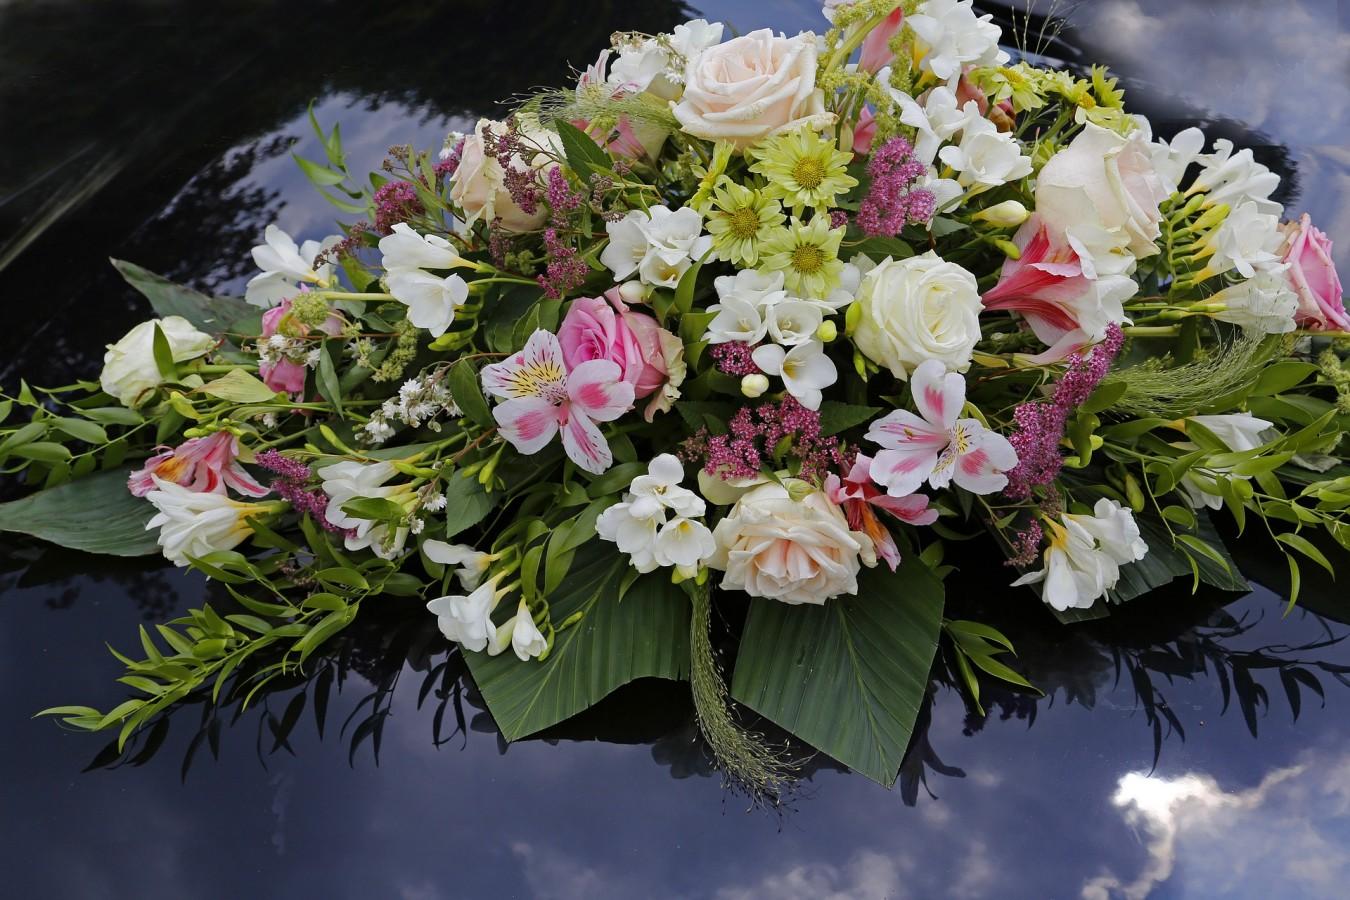 Moderni Svatebni Dekorace Jsou Ve Znameni Kvetin A Jemnosti